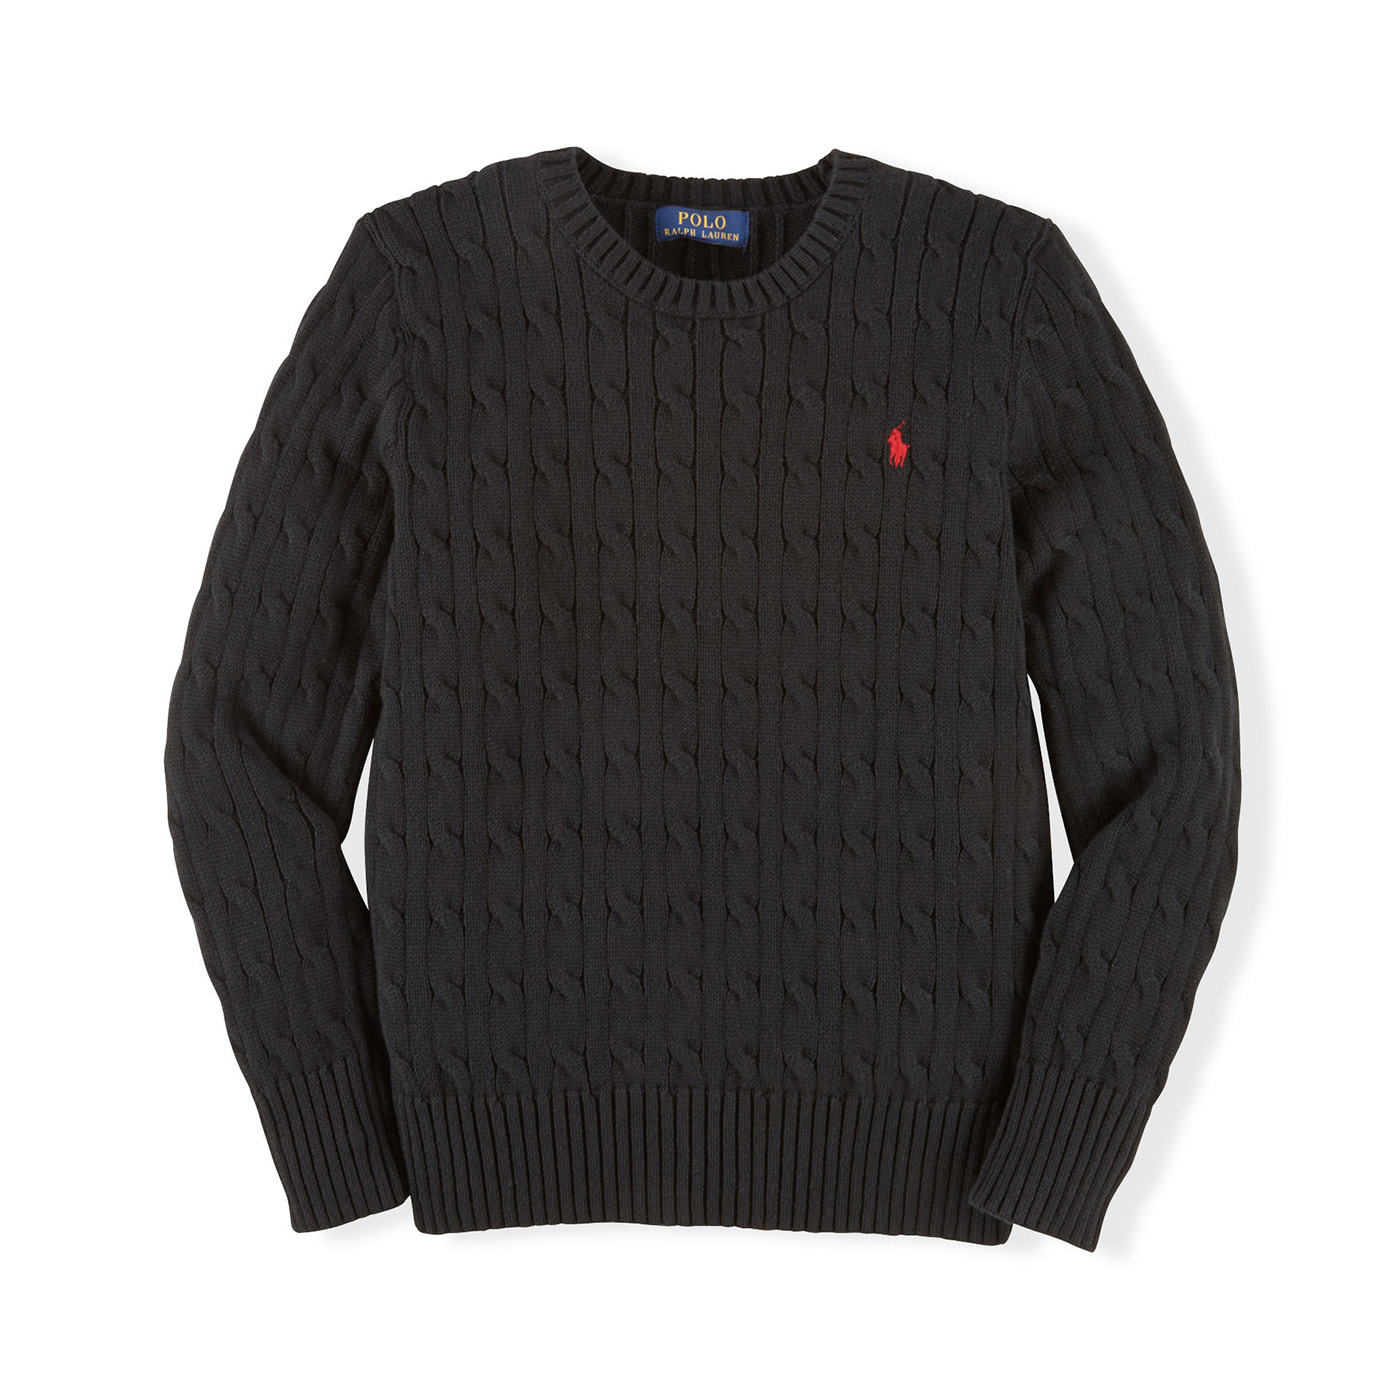 美國百分百【Ralph Lauren】針織衫 RL polo 小馬 毛衣 線衫 麻花 黑色 S號 C459